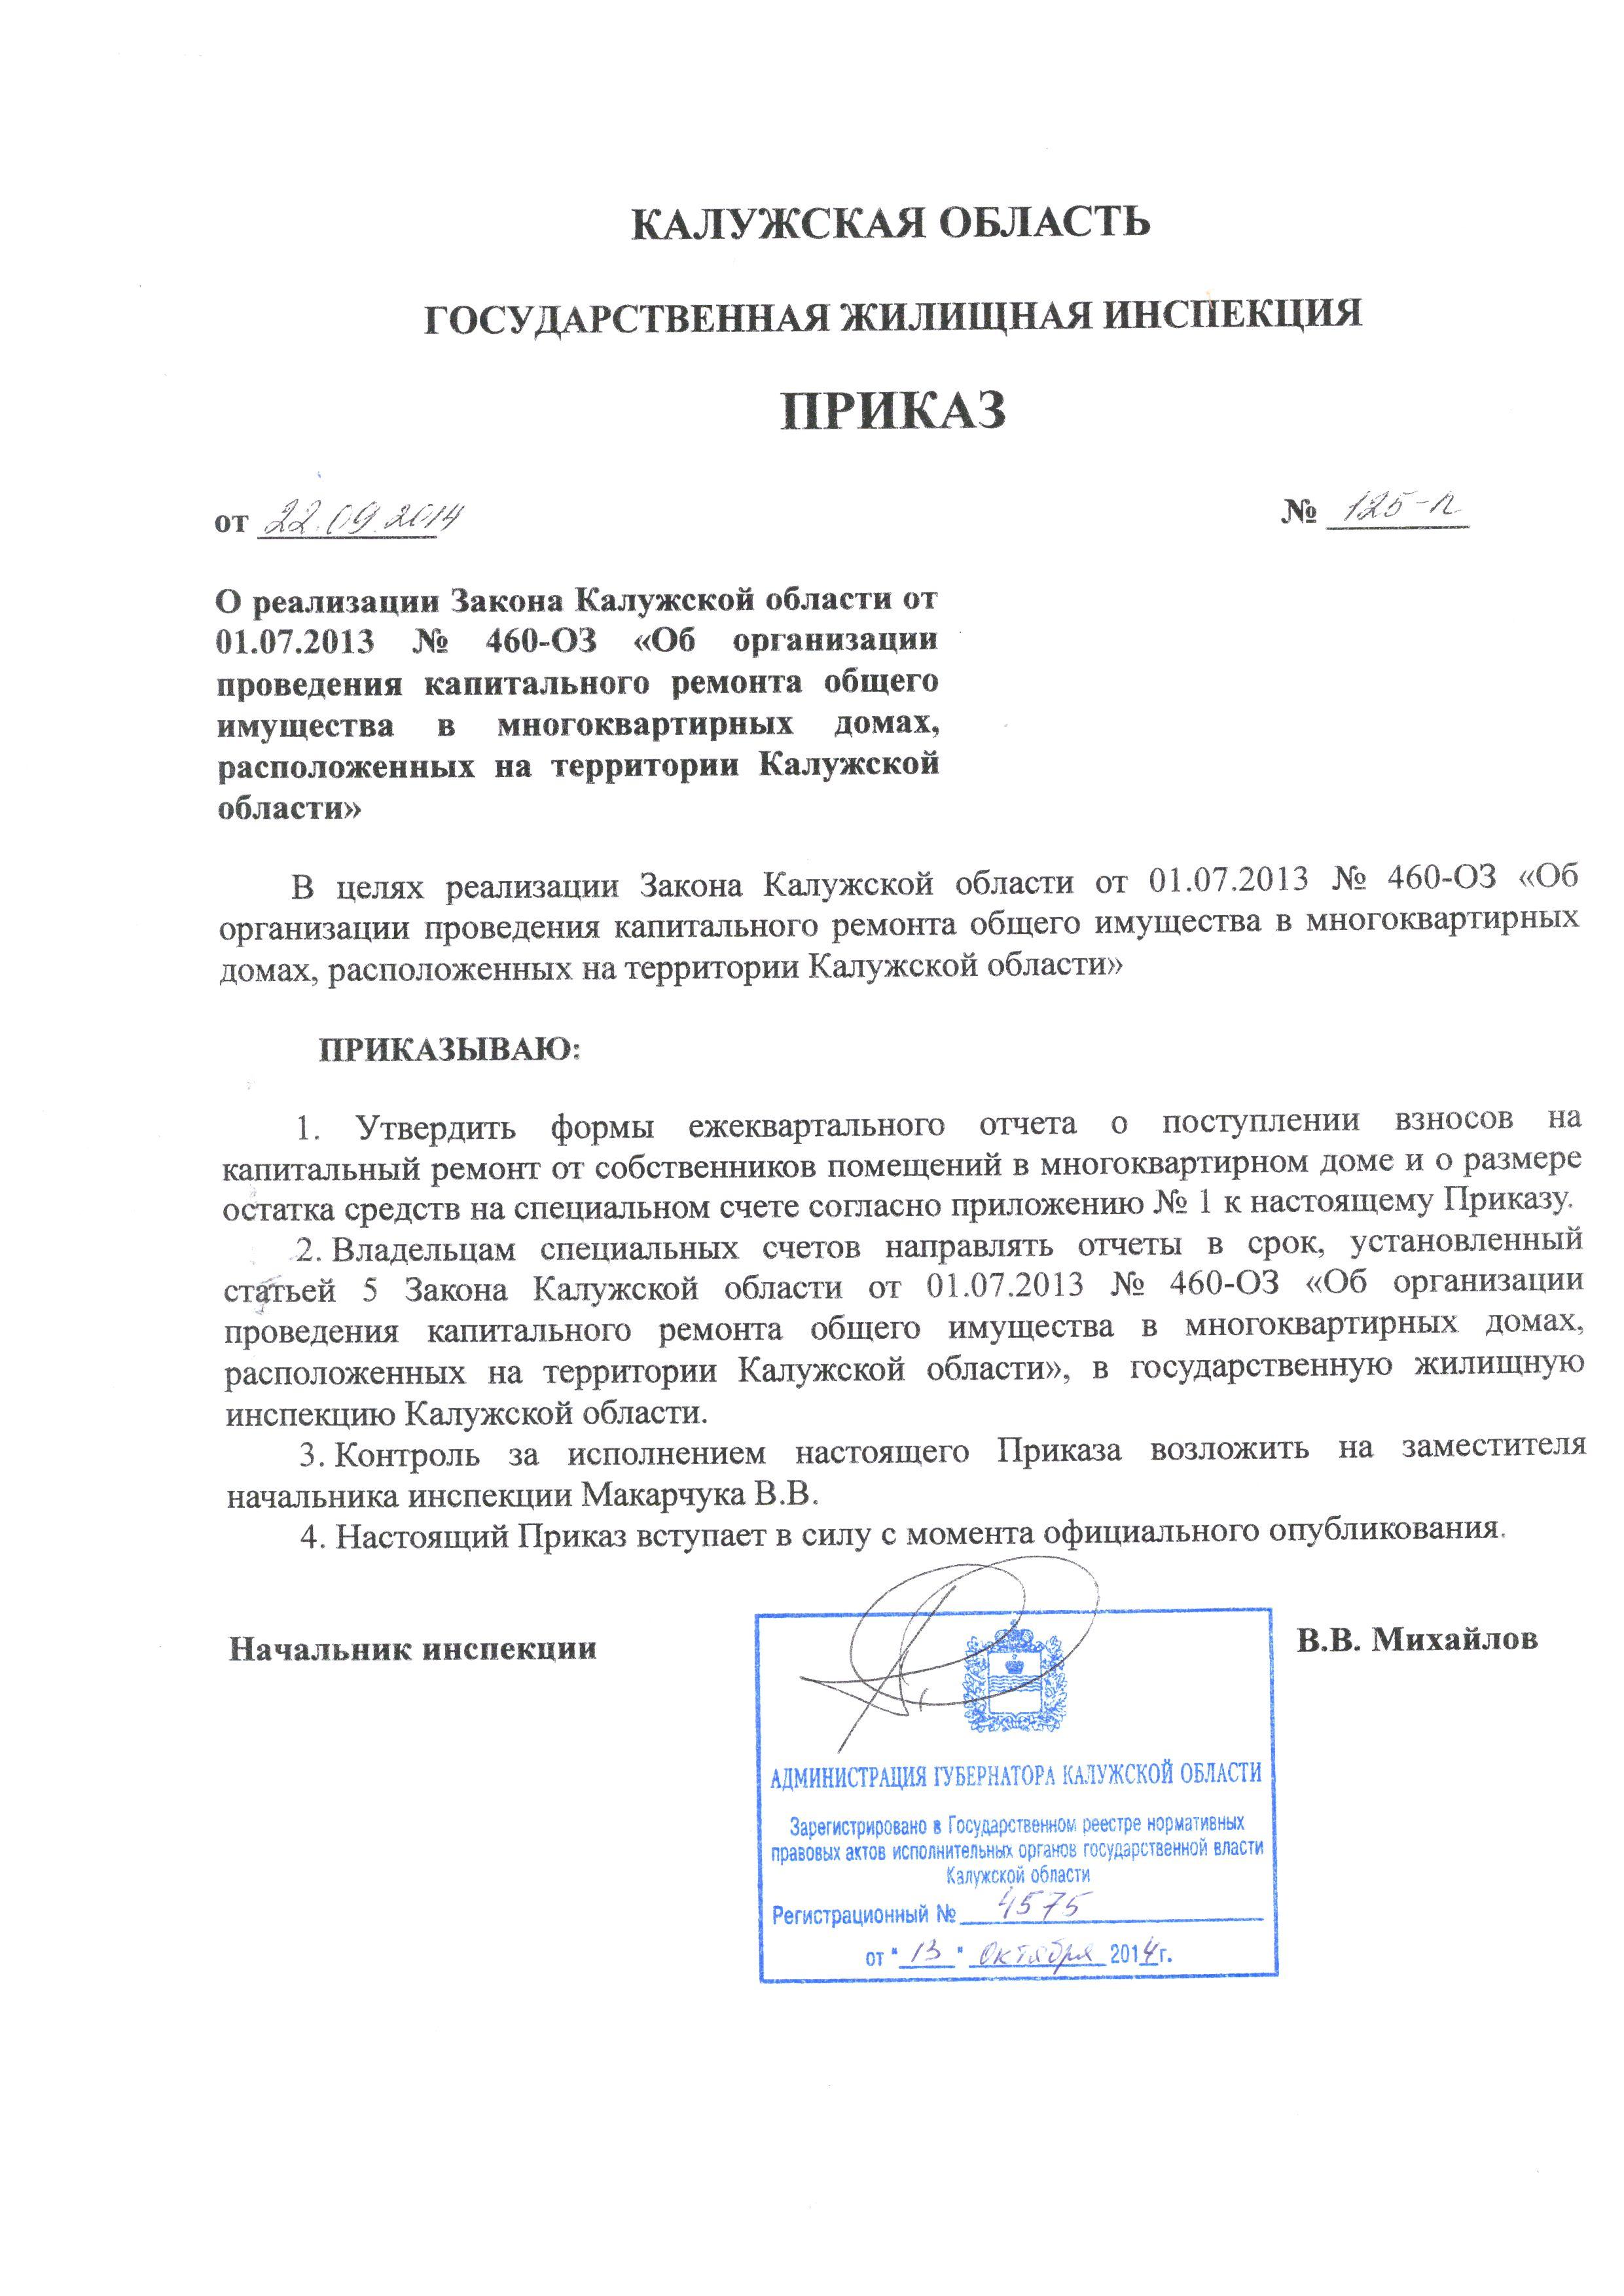 образец уведомления в жилищную инспекцию брянской области о способе кап ремонта мкд